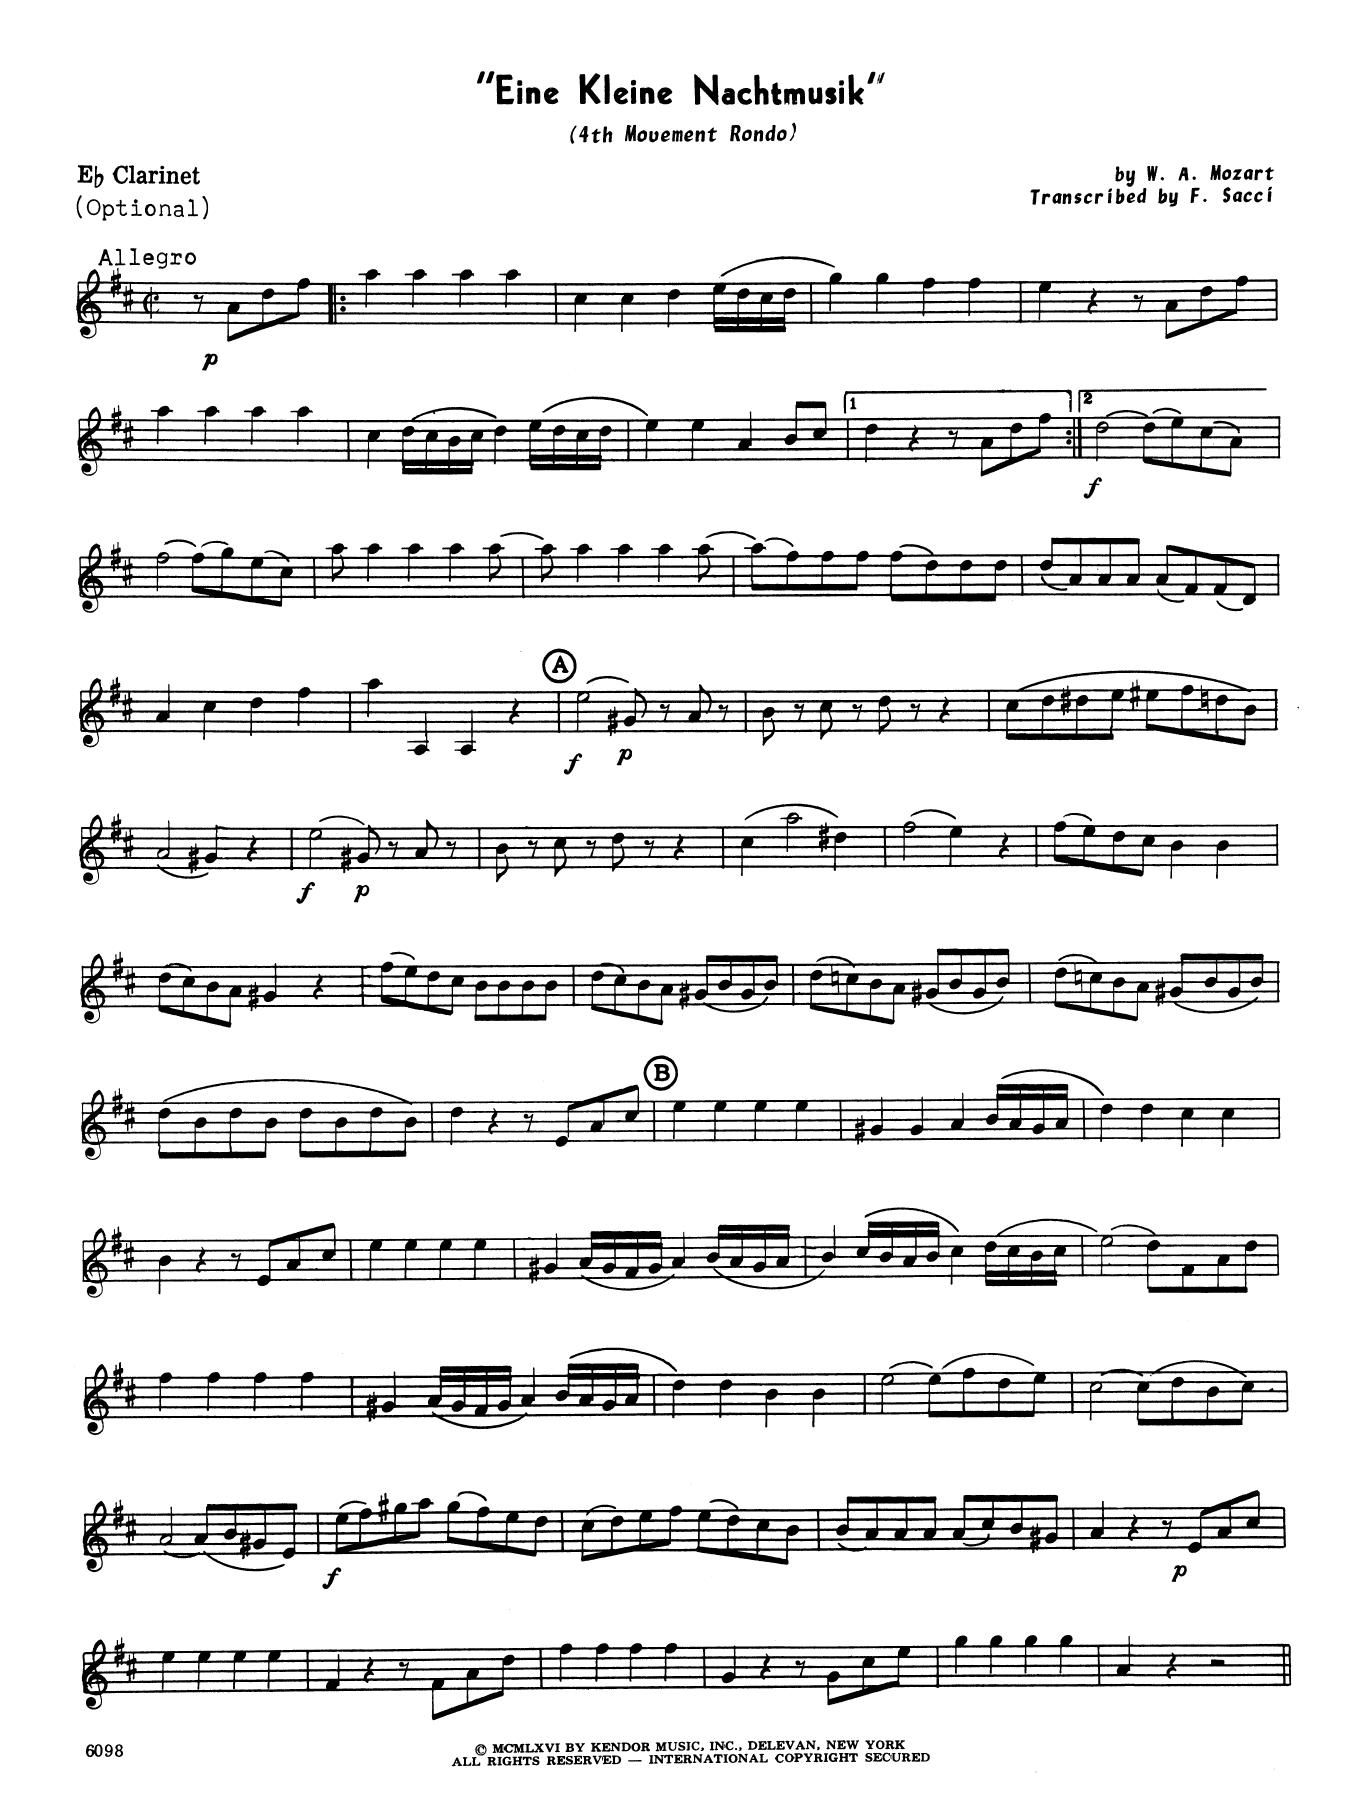 Eine Kleine Nachtmusik/Rondo (Mvt. 4) (arr. Frank Sacci) - Eb Clarinet  Noten   Wolfgang Mozart